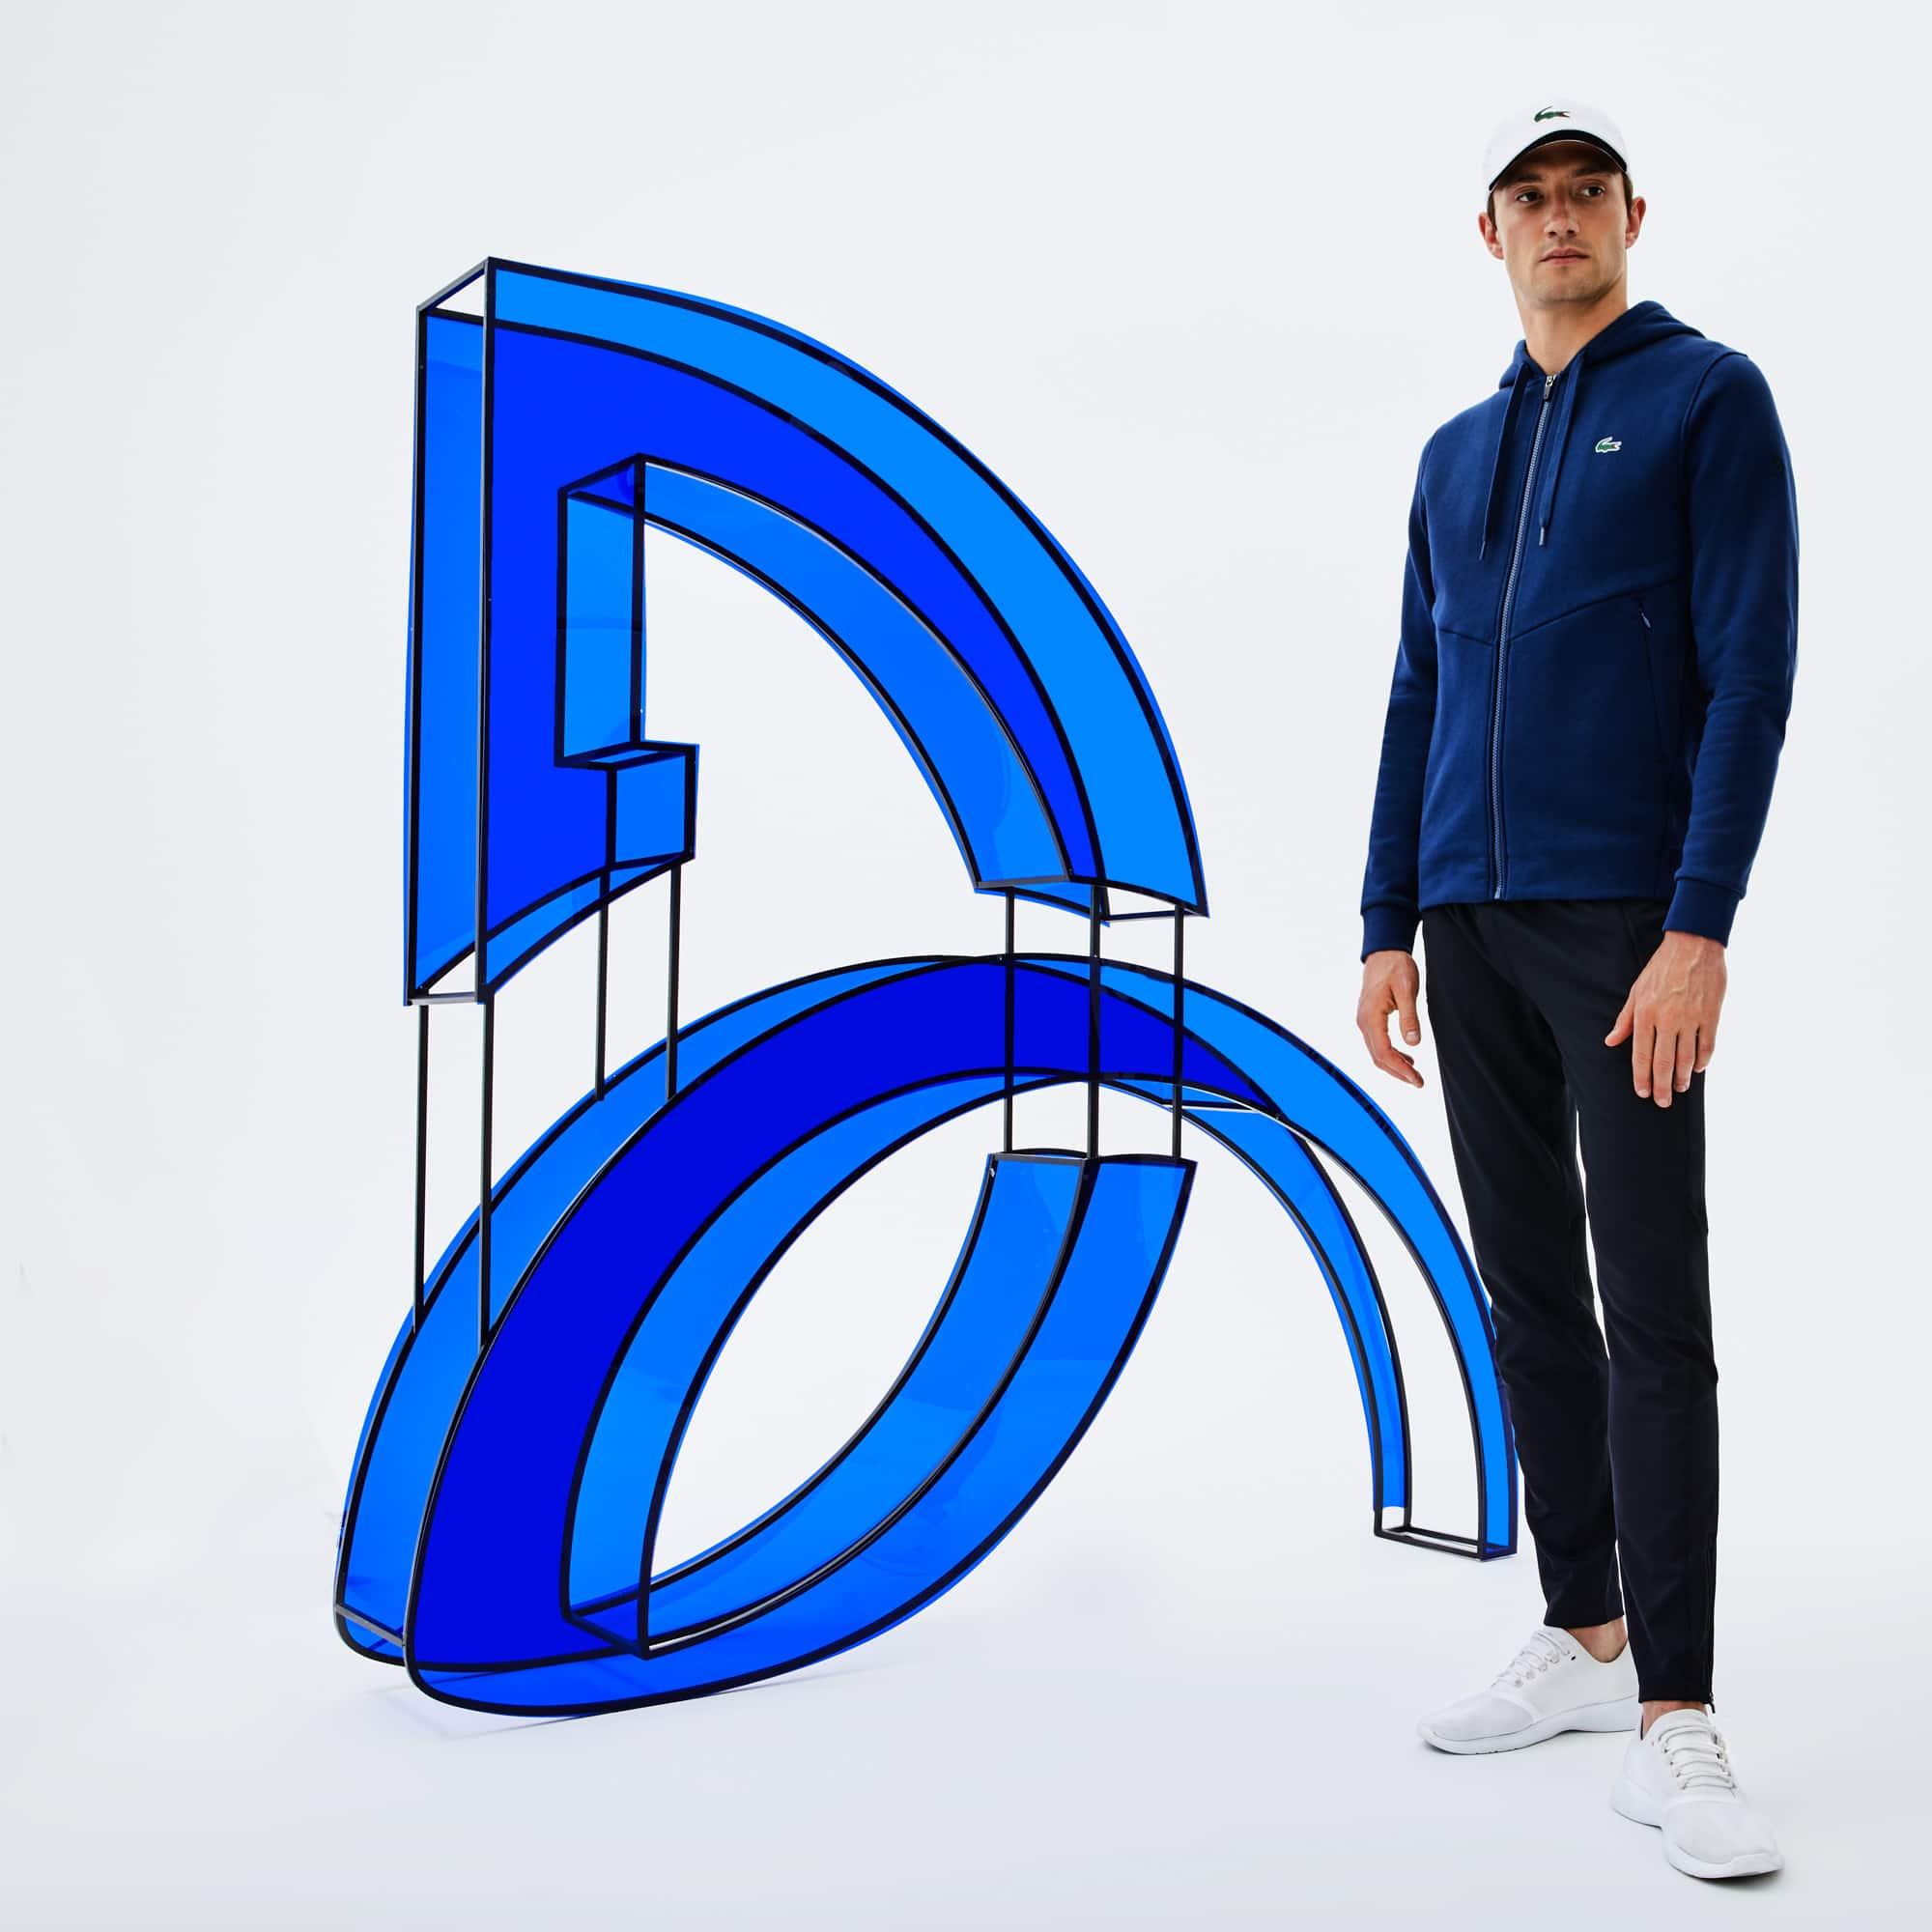 Artikel klicken und genauer betrachten! - Dieses Sweatshirt mit Reißverschluss von LACOSTE SPORT ist atmungsaktiv und ultra-resistent. Aus der exklusiven LACOSTE Kollektion für Novak Djokovic-Fans. | im Online Shop kaufen